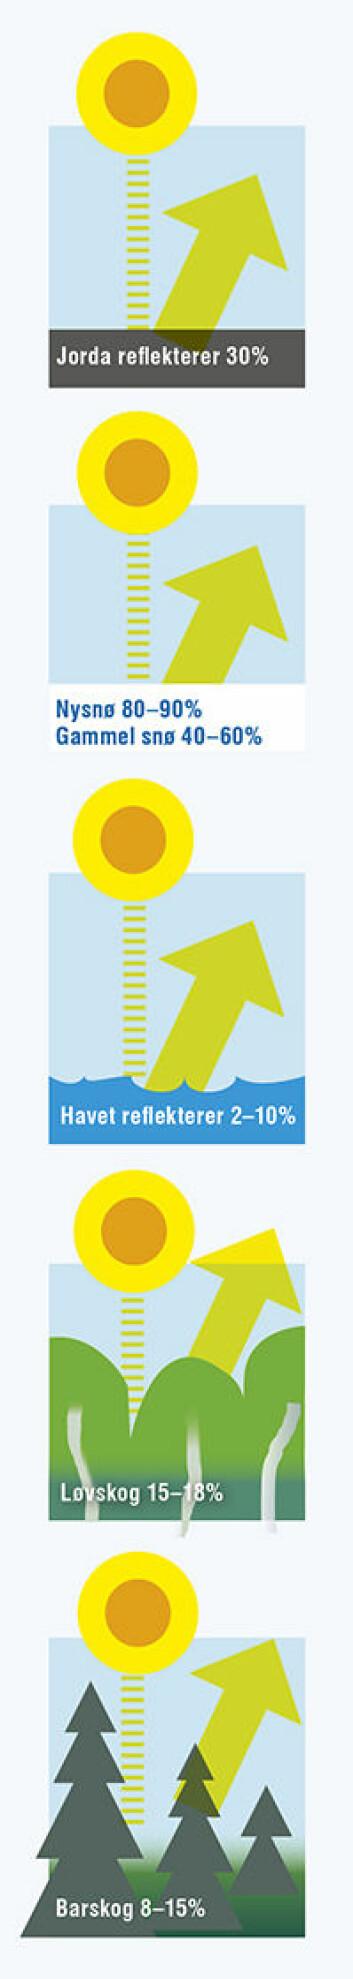 Lyse flater på jorda reflekterer mer av sollyset enn mørke flater. Jordkloden absorberer 70 prosent av sollyset. De resterende 30 prosentene reflekteres tilbake til verdensrommet. Løvskog reflekterer mer sollys enn barskog. Nysnø reflekterer mer sollys enn gammel snø. (Foto: (Illustrasjon: UiO))